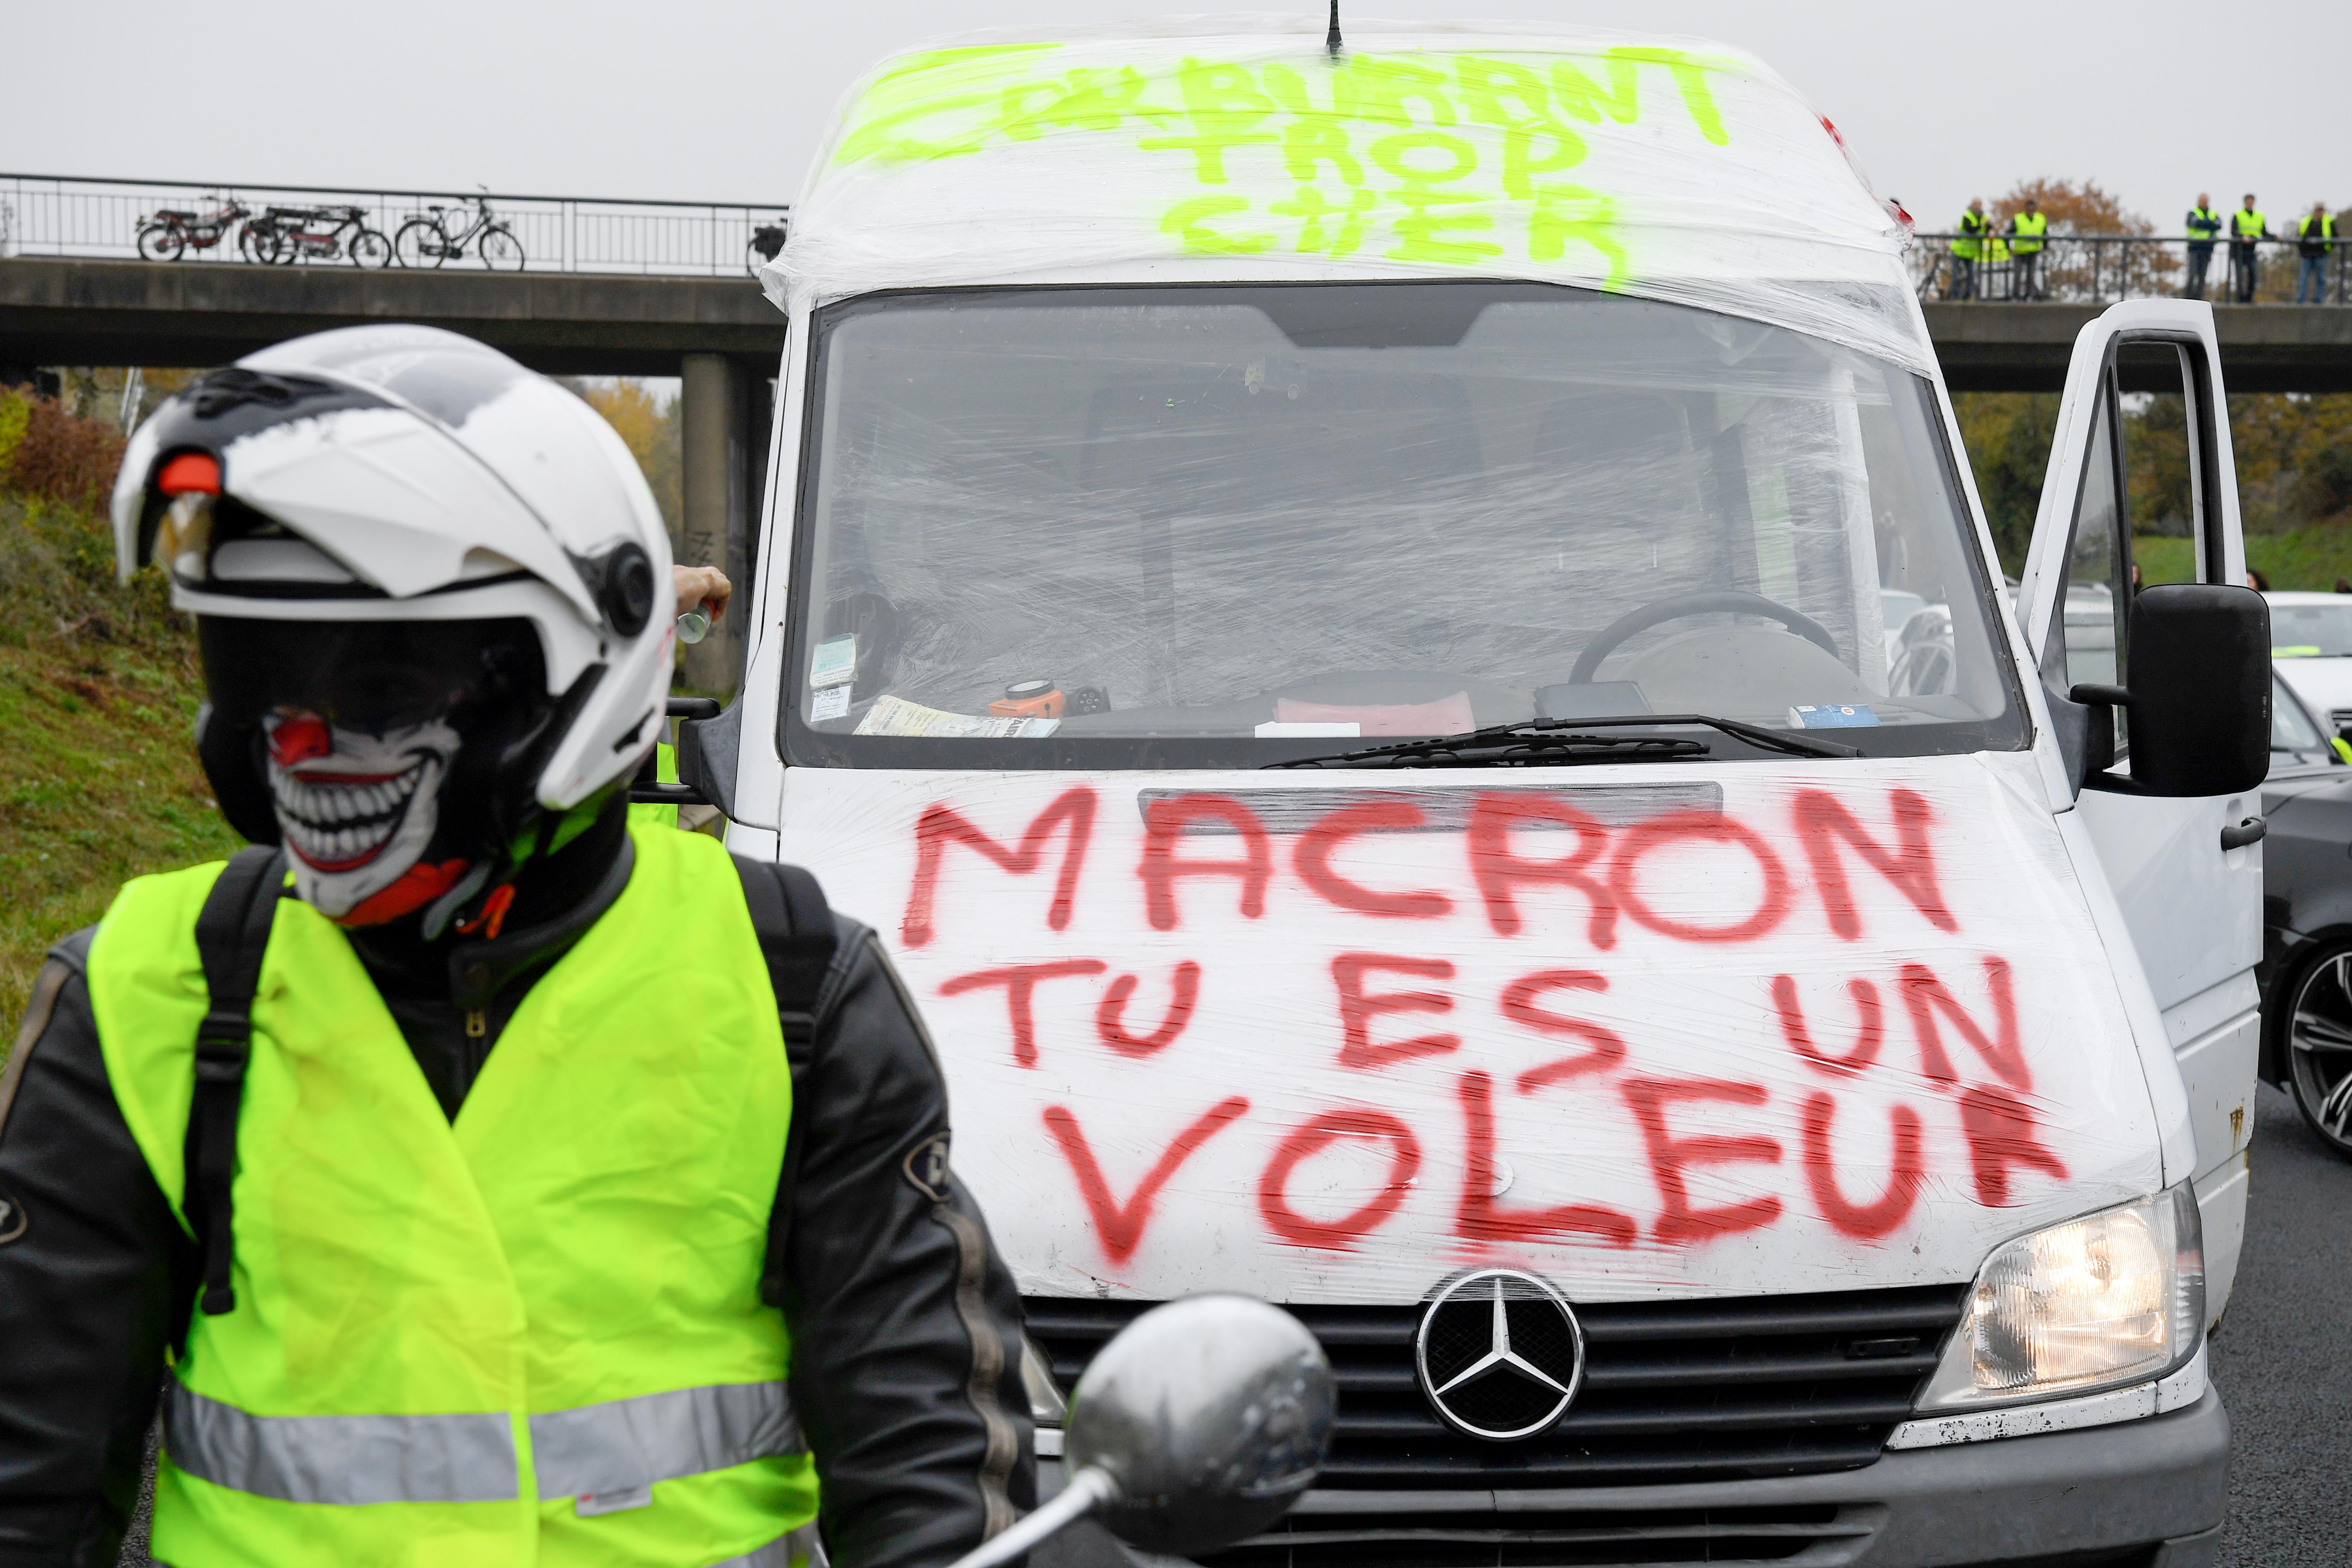 Damien Meyer | Agence France-Presse